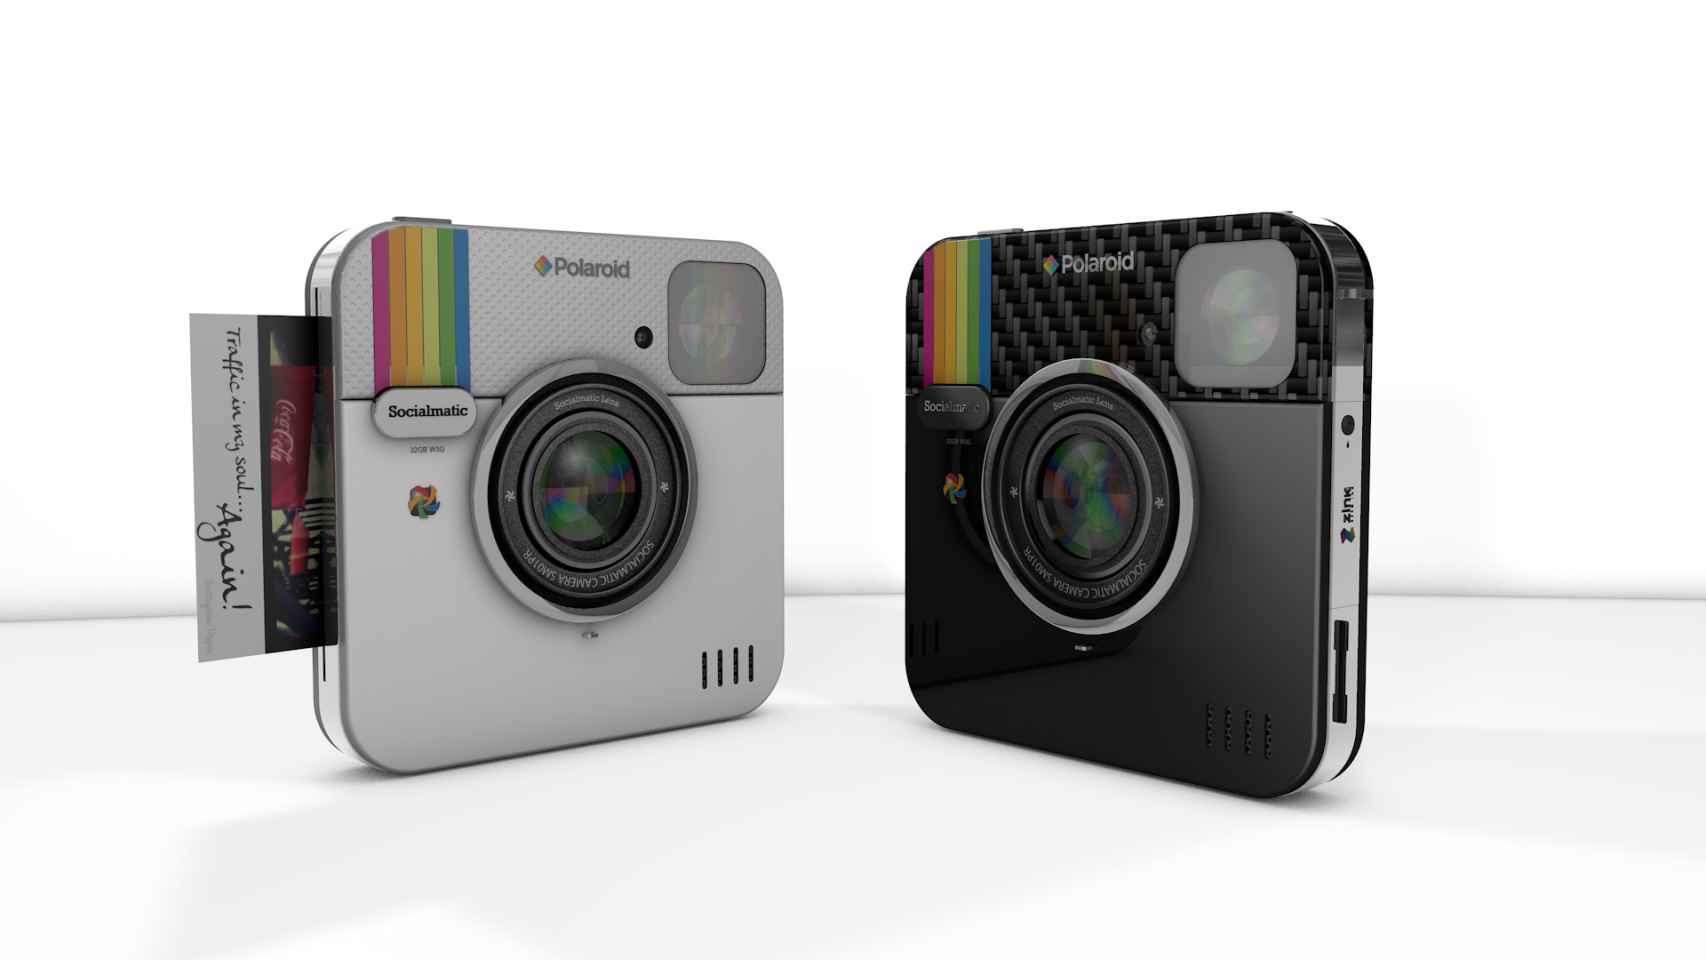 Socialmatic, la cámara 'vintage' para amantes de Instagram